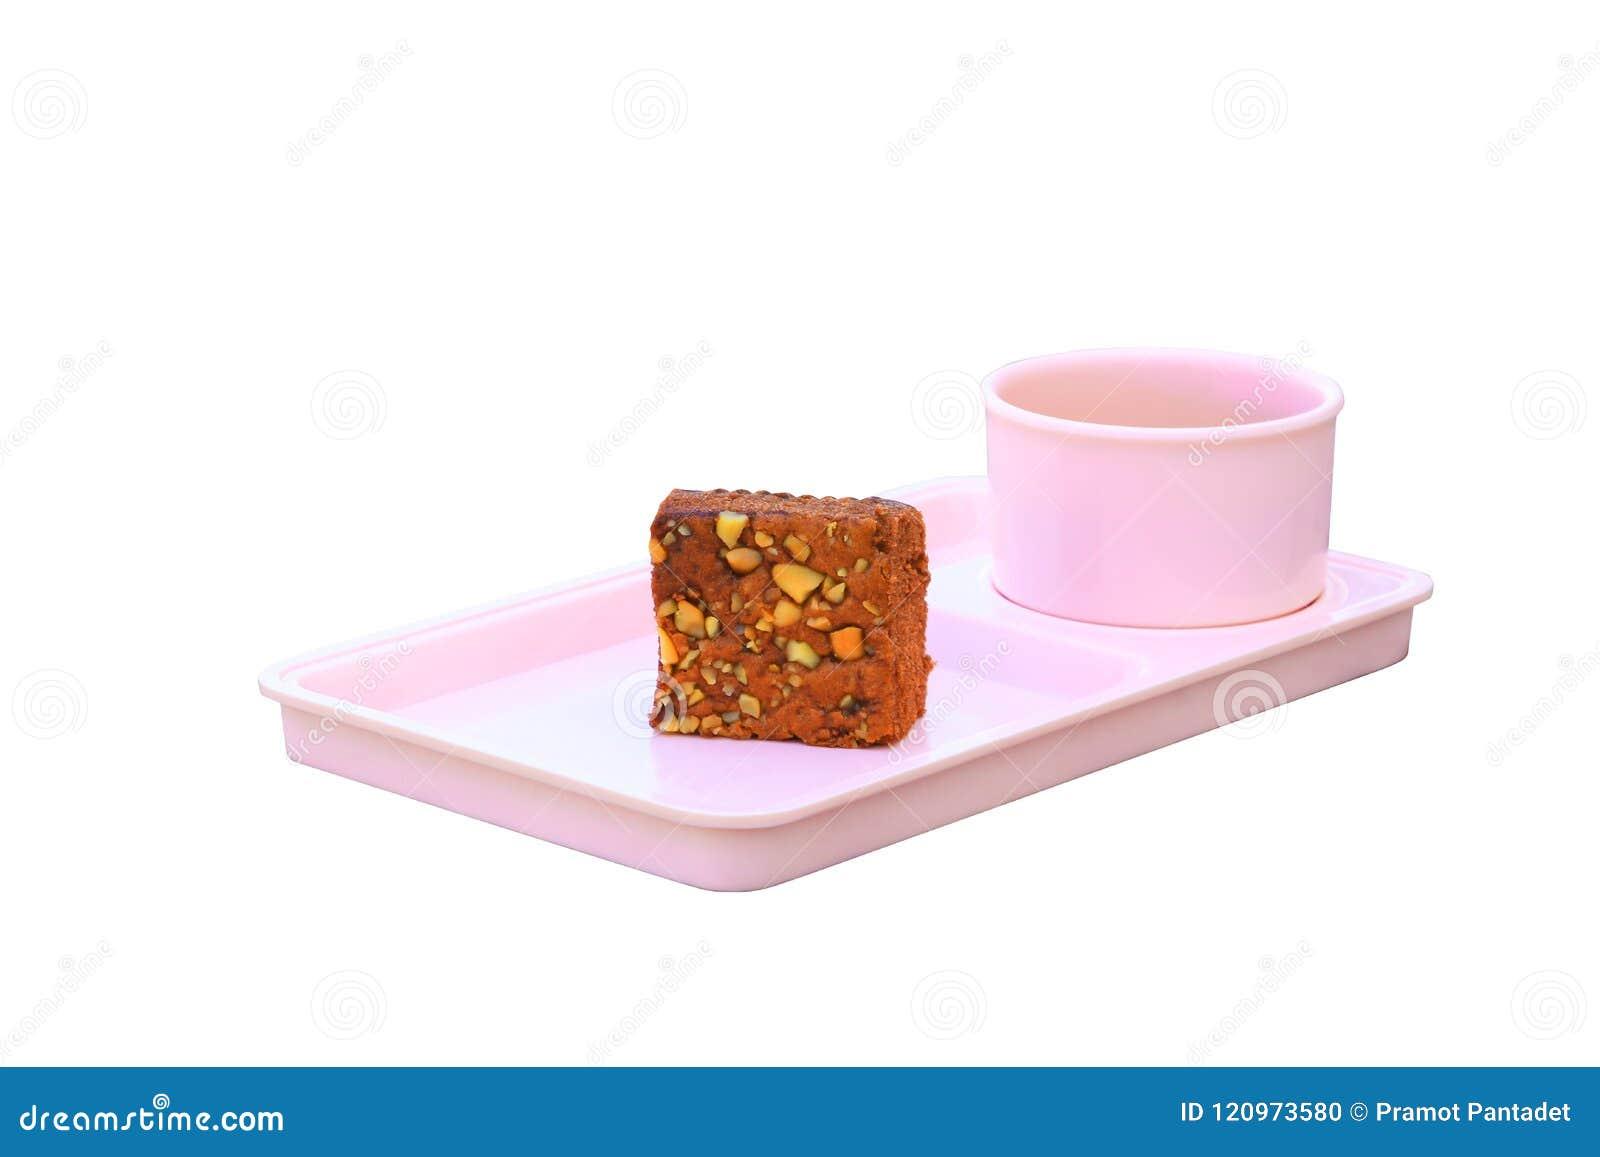 Το κέικ σοκολάτας ψεκάζει με τα καρύδια και το φλυτζάνι καφέ στο ρόδινο πιατάκι απομονωμένος στο άσπρο υπόβαθρο